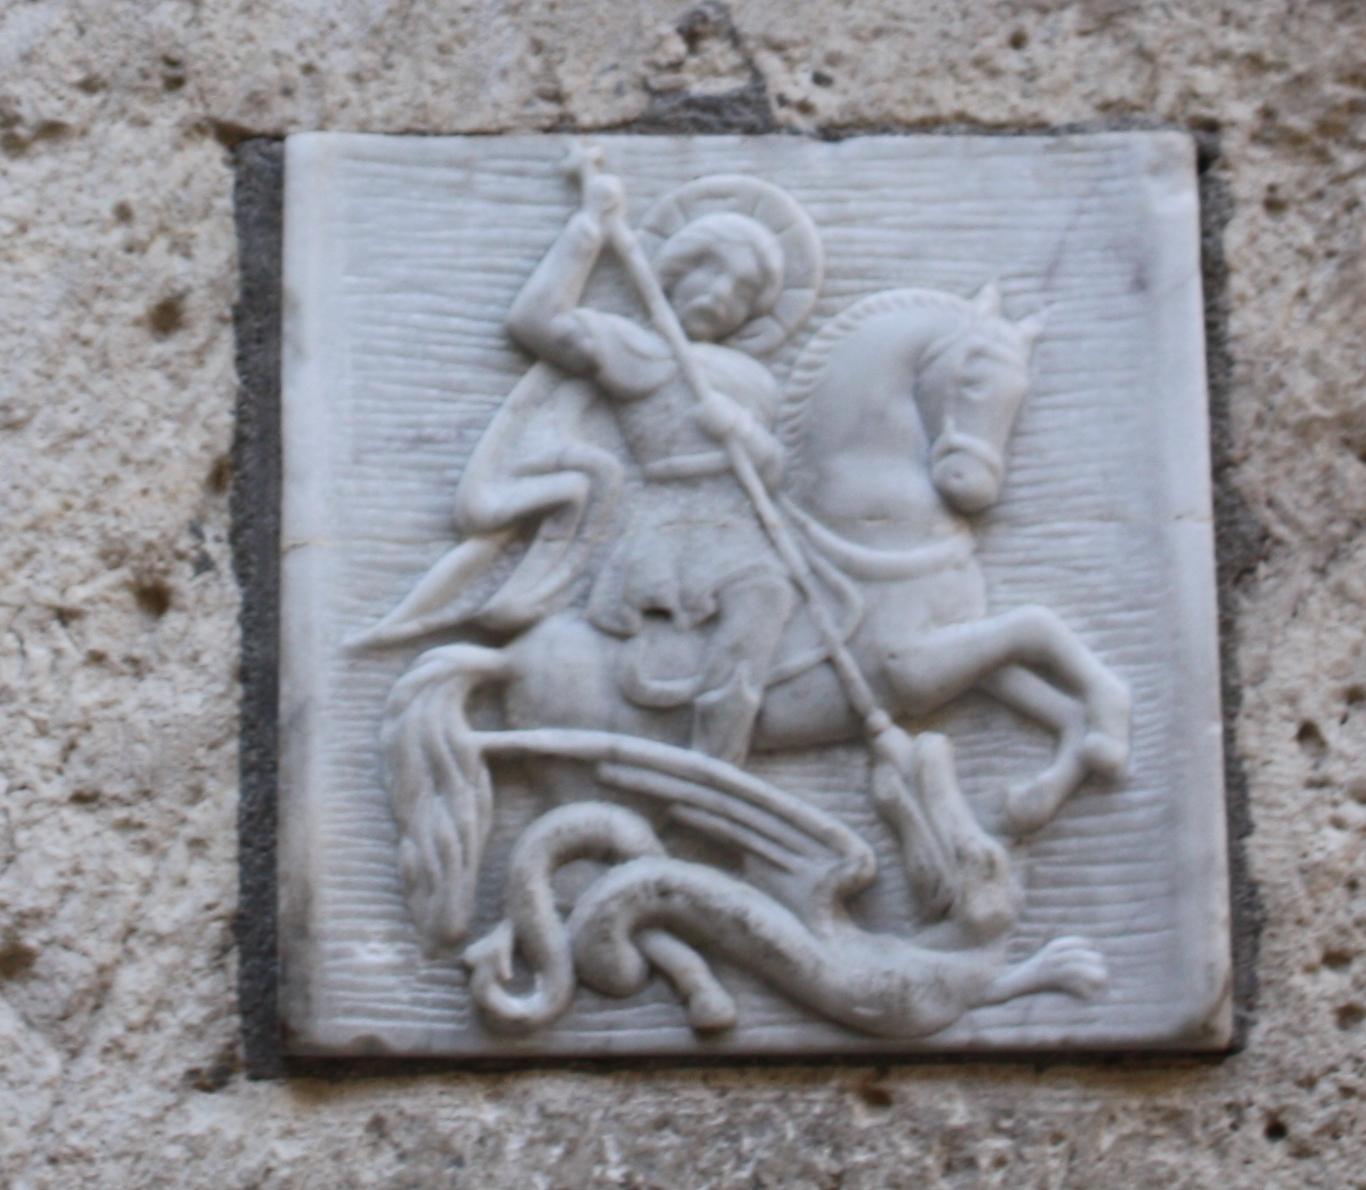 דמותו של גיאורגיוס בכניסה למנזר גיאורגיוס הקדוש